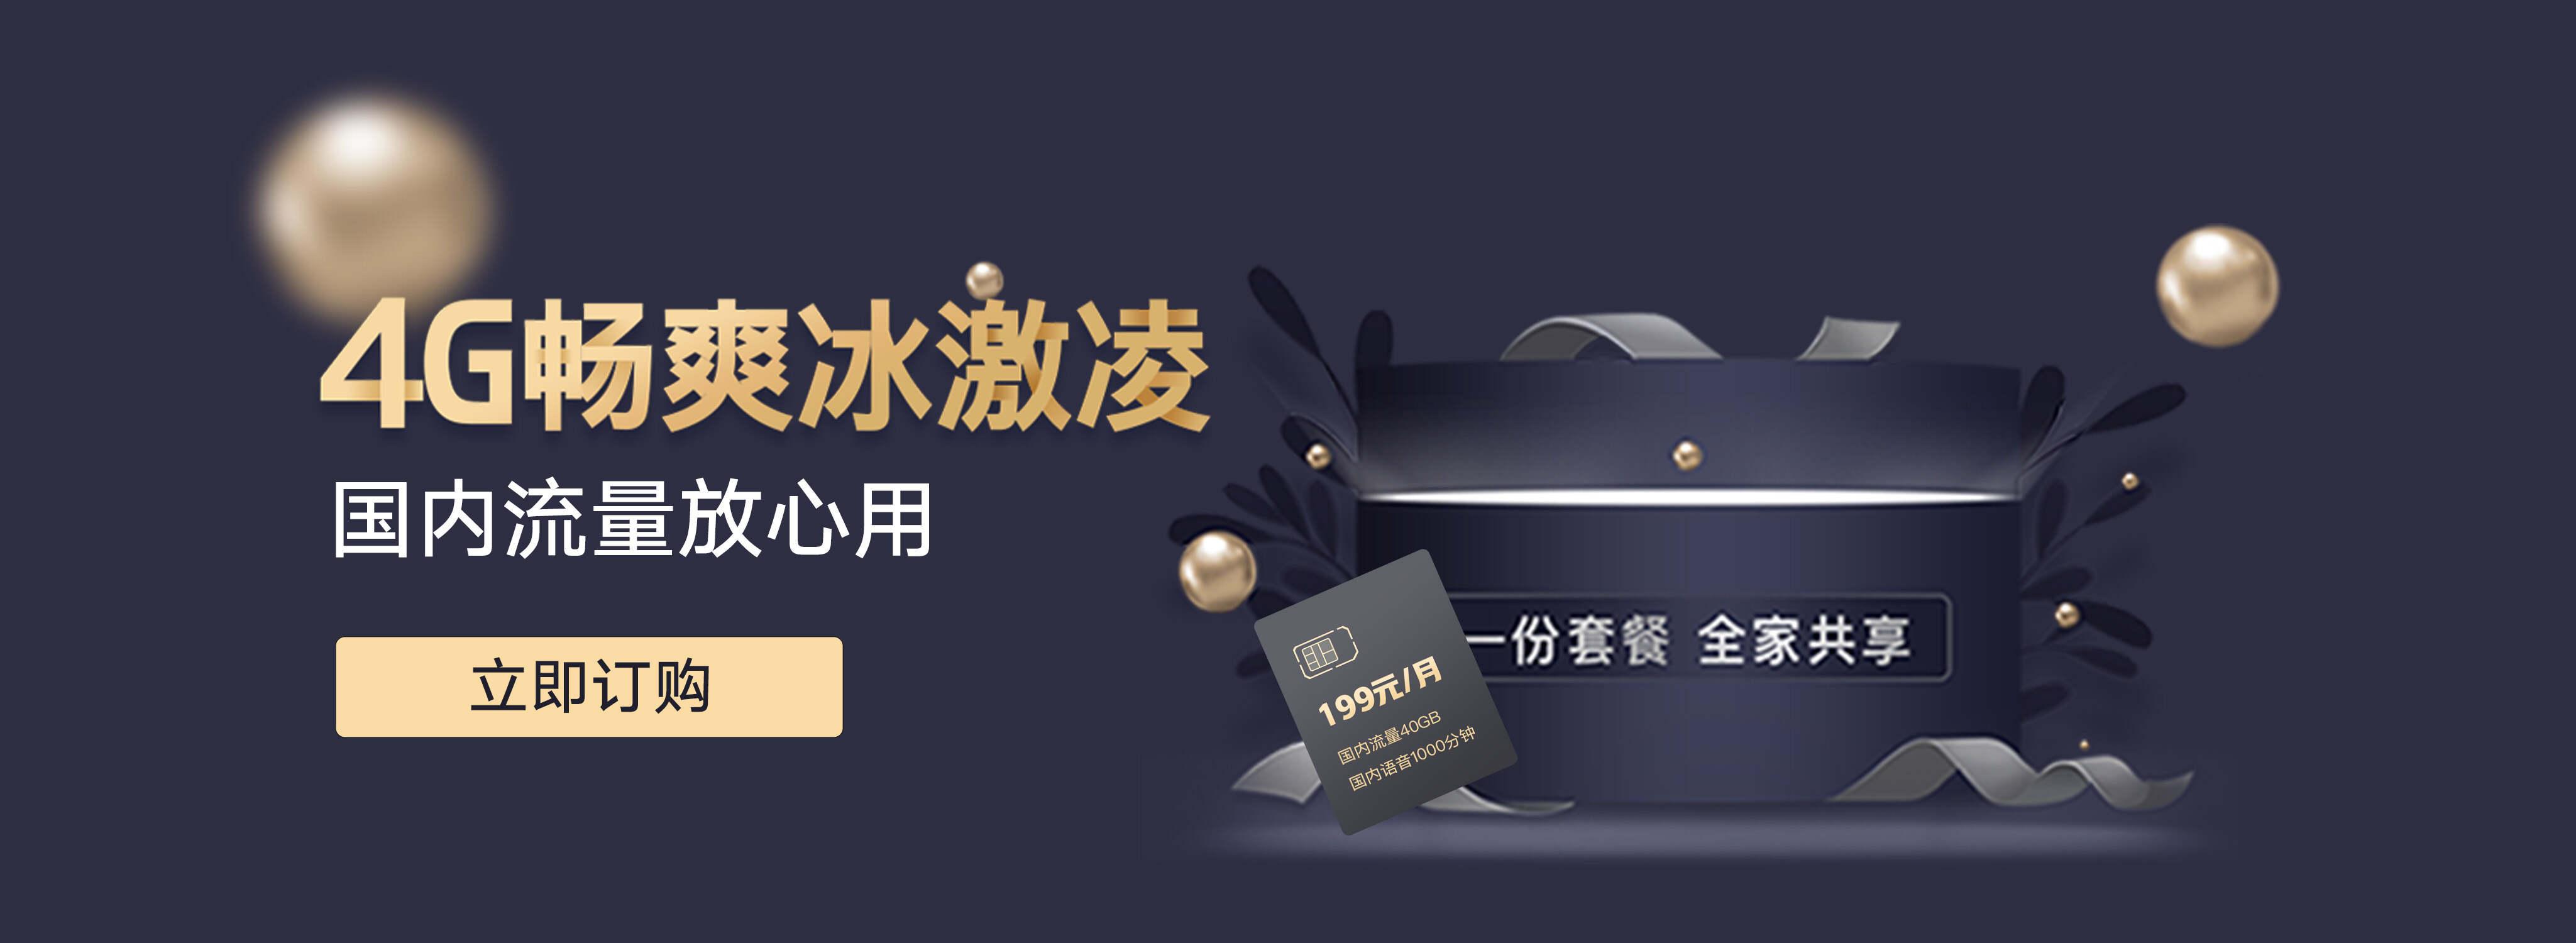 畅爽冰激凌199元